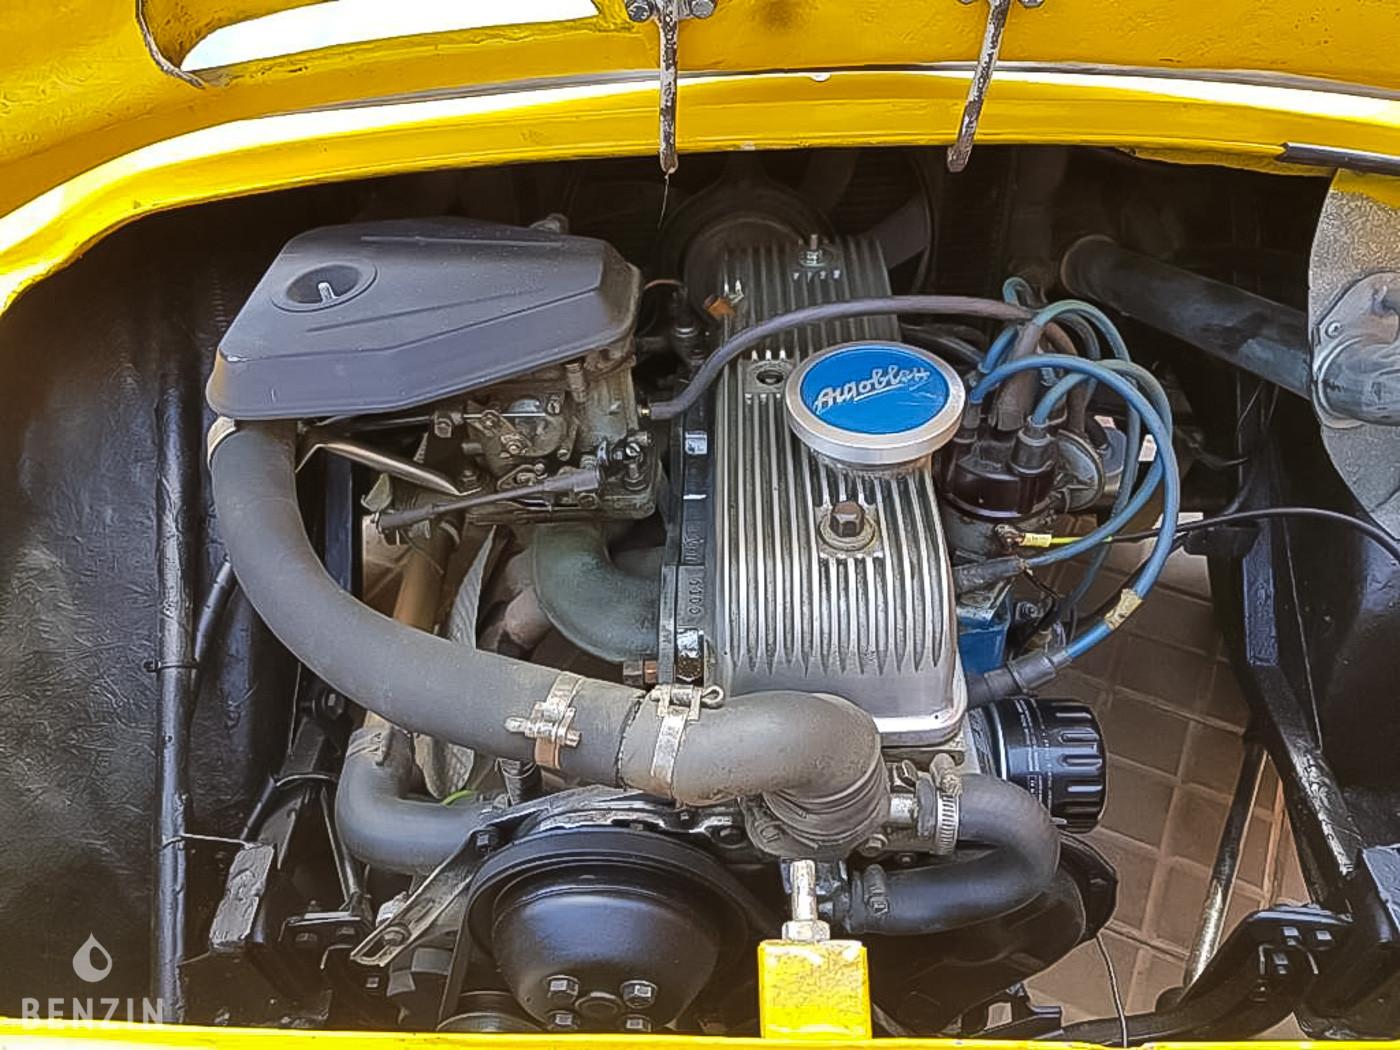 Alpine A108 berlinette 1966 benzin fr img_6013d1619a136